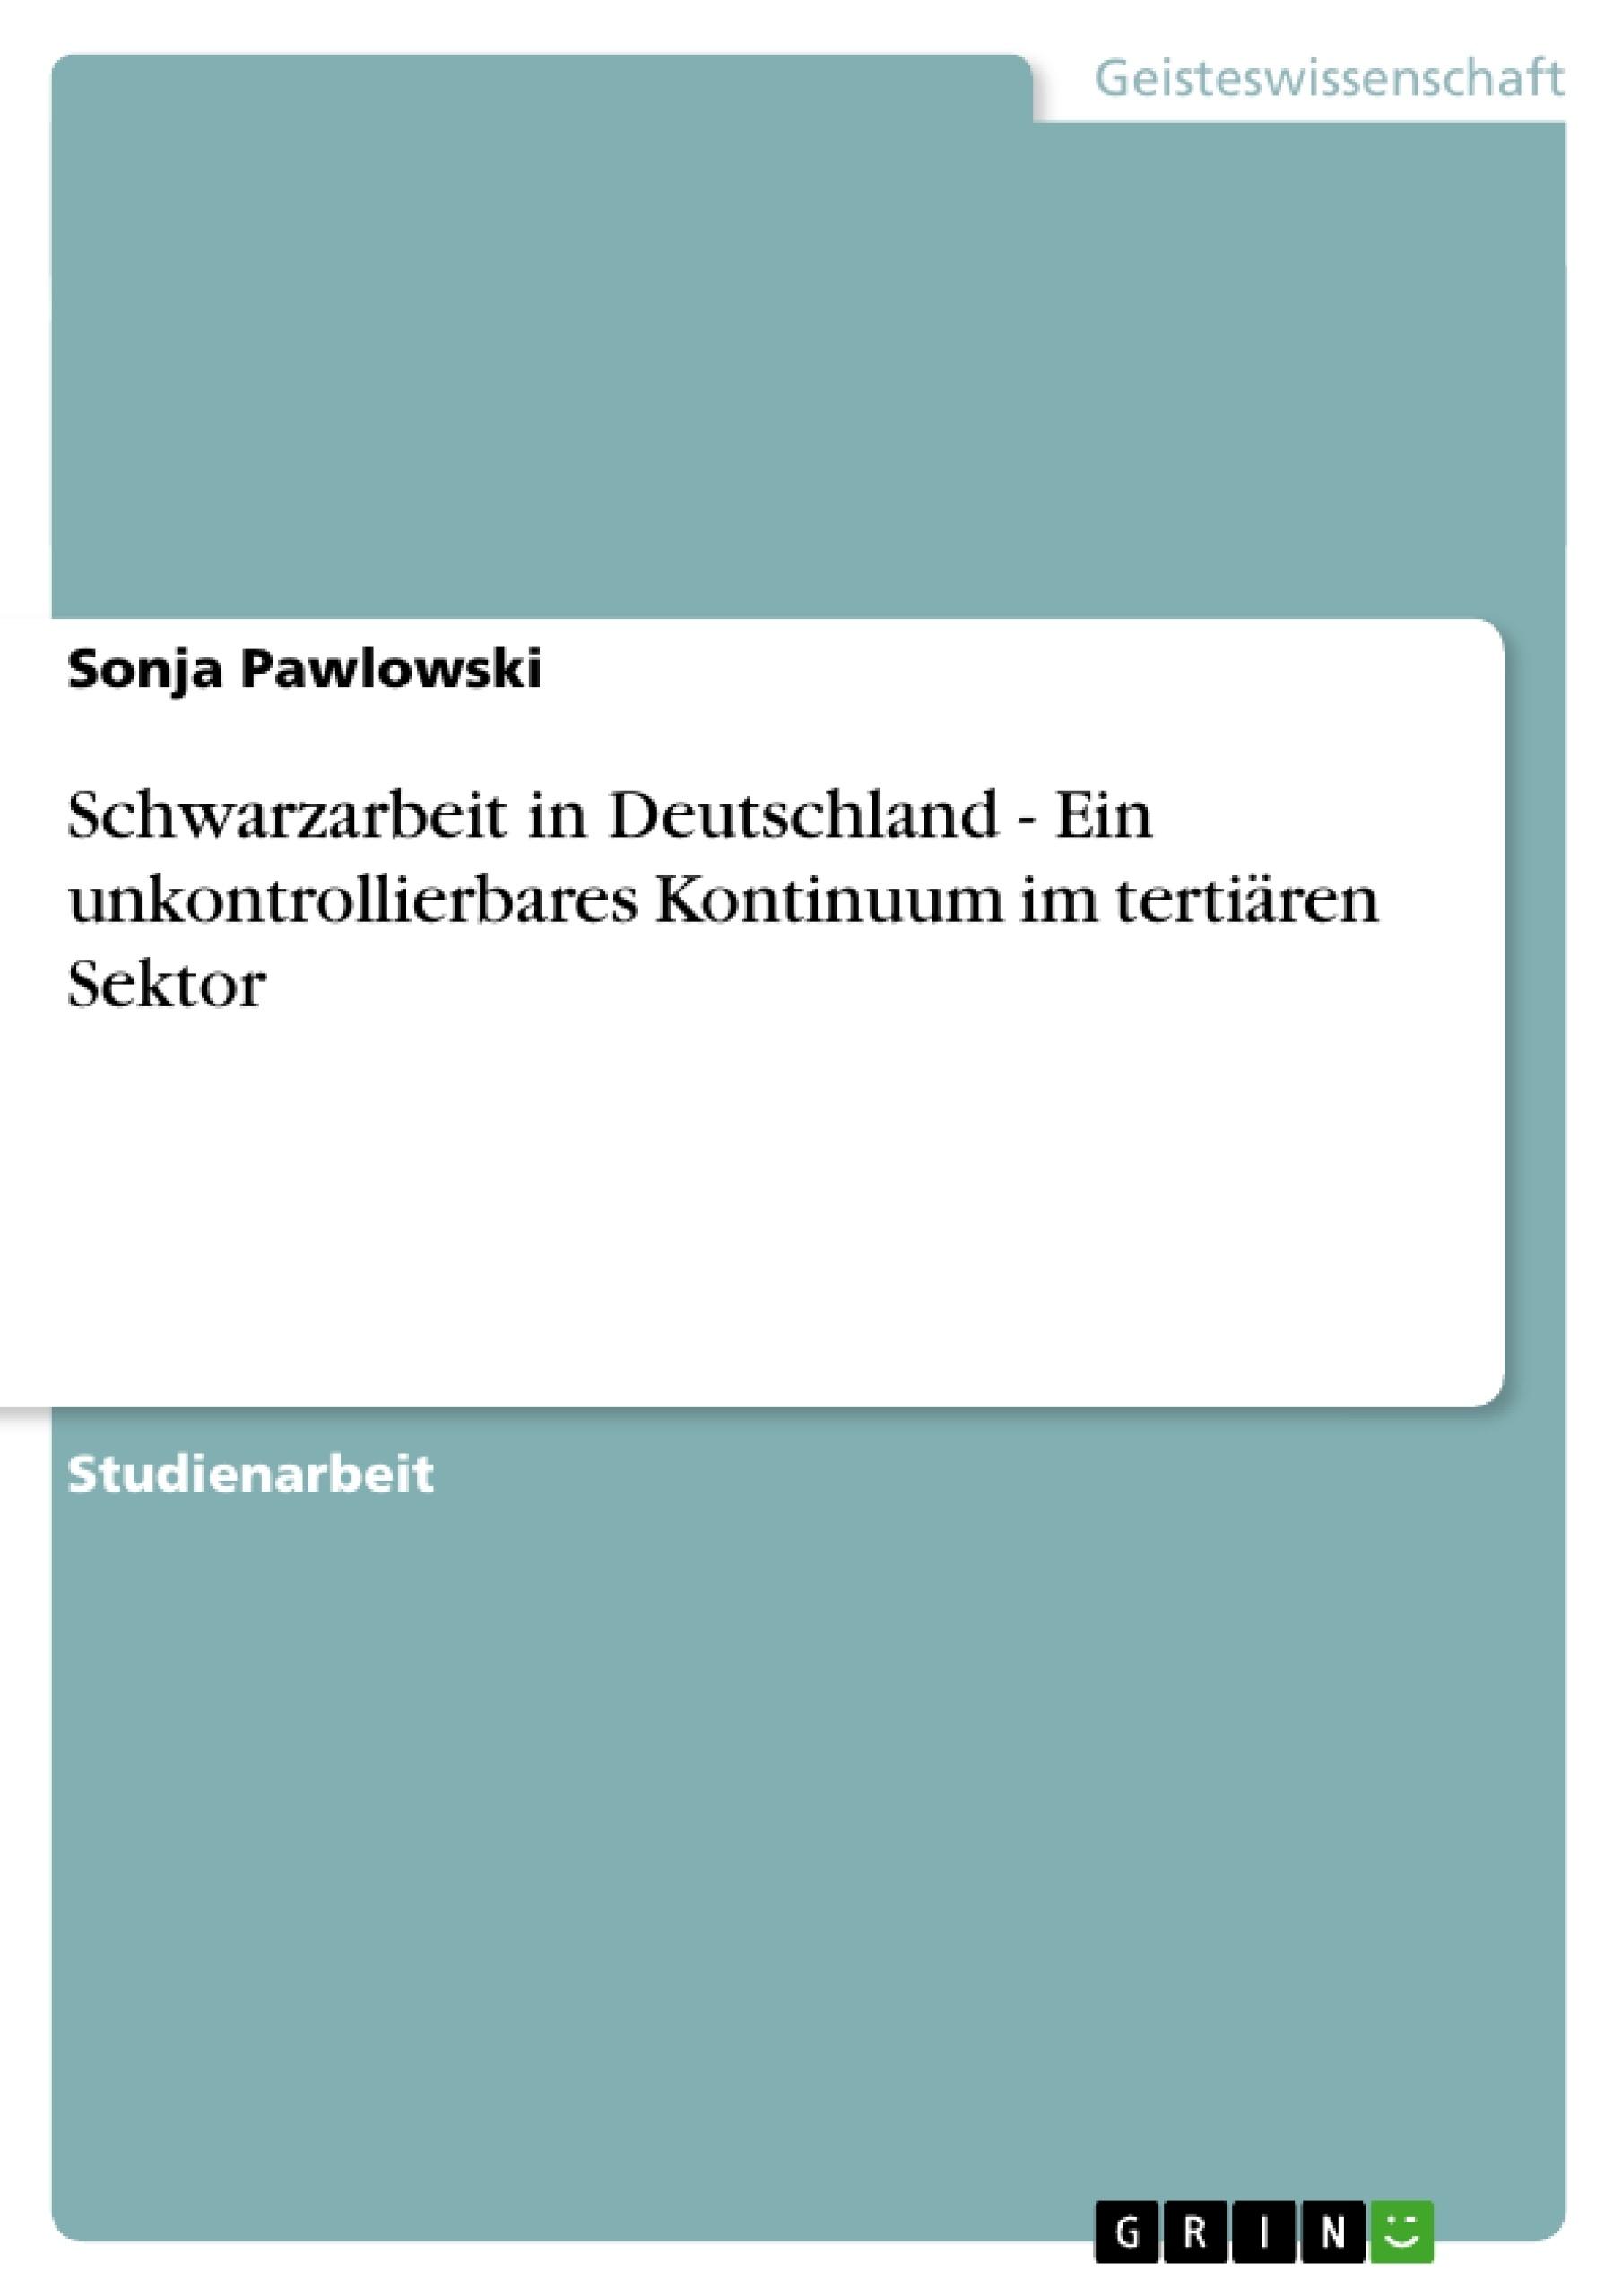 Titel: Schwarzarbeit in Deutschland - Ein unkontrollierbares Kontinuum im tertiären Sektor